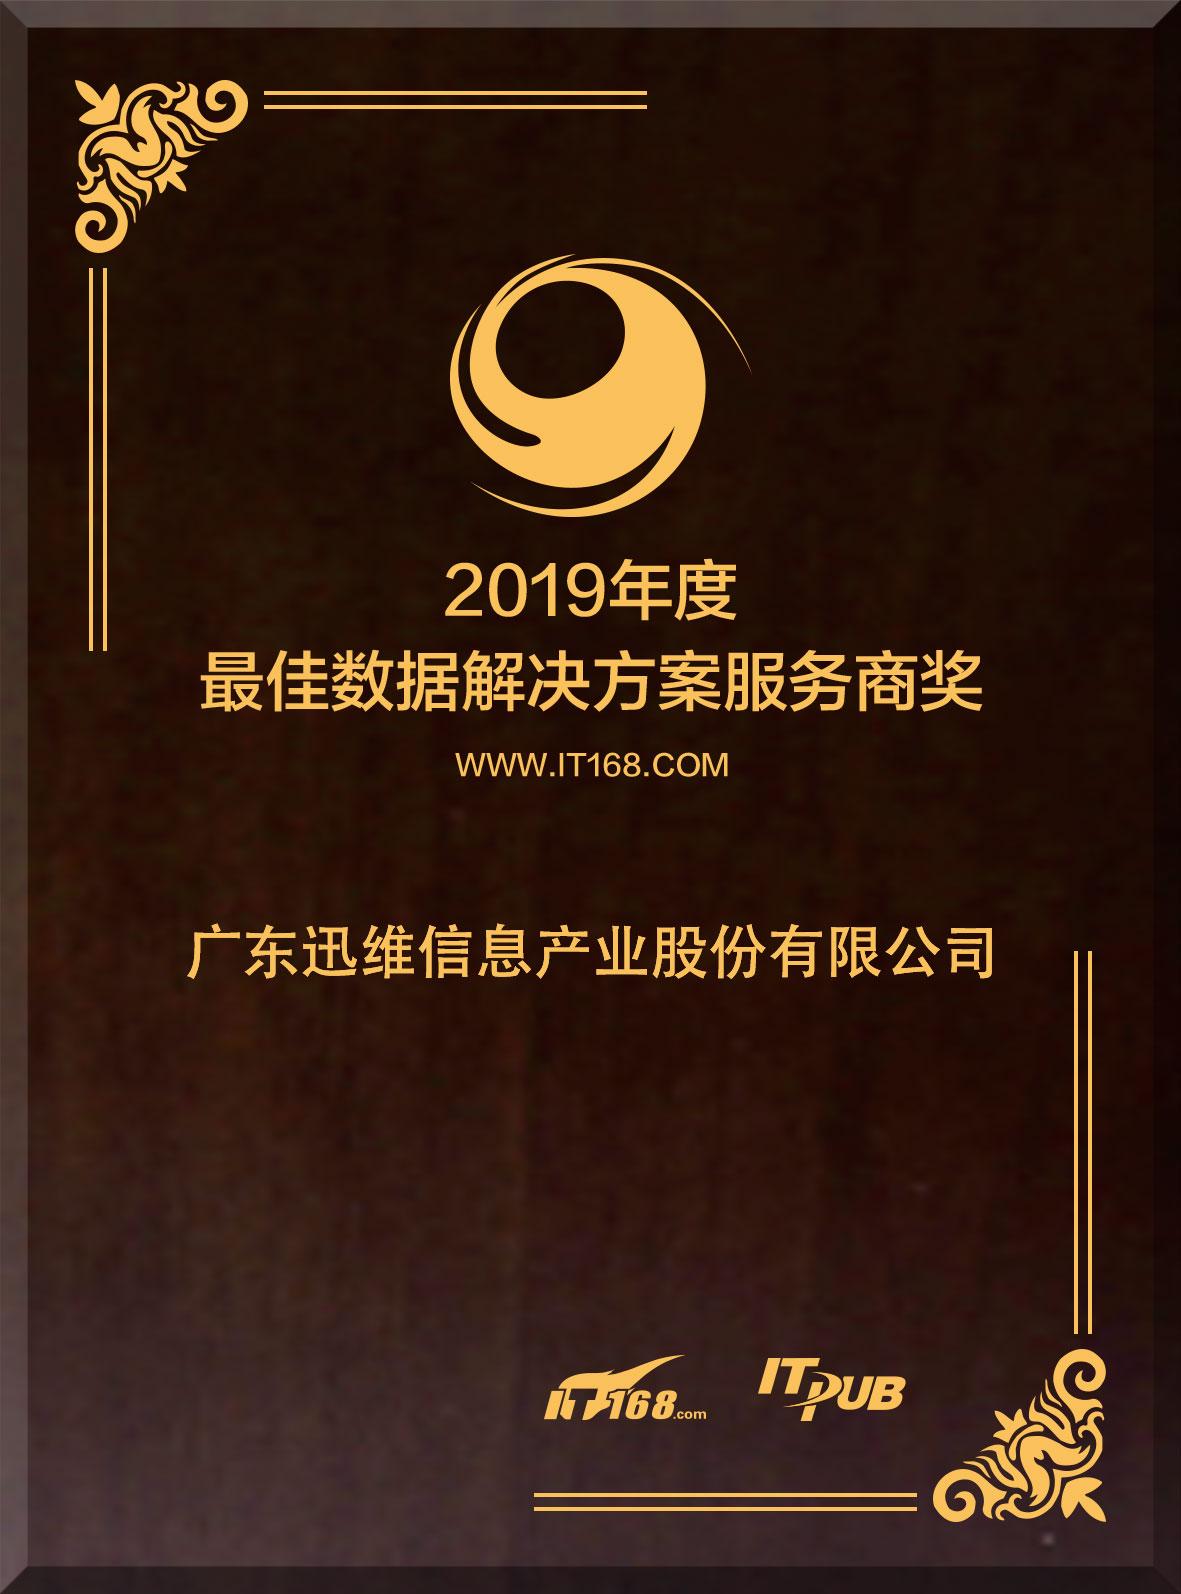 15-广东迅维信息产业股份有限公司荣获IT168 2019年度最佳数据解决方案服务商奖.jpg